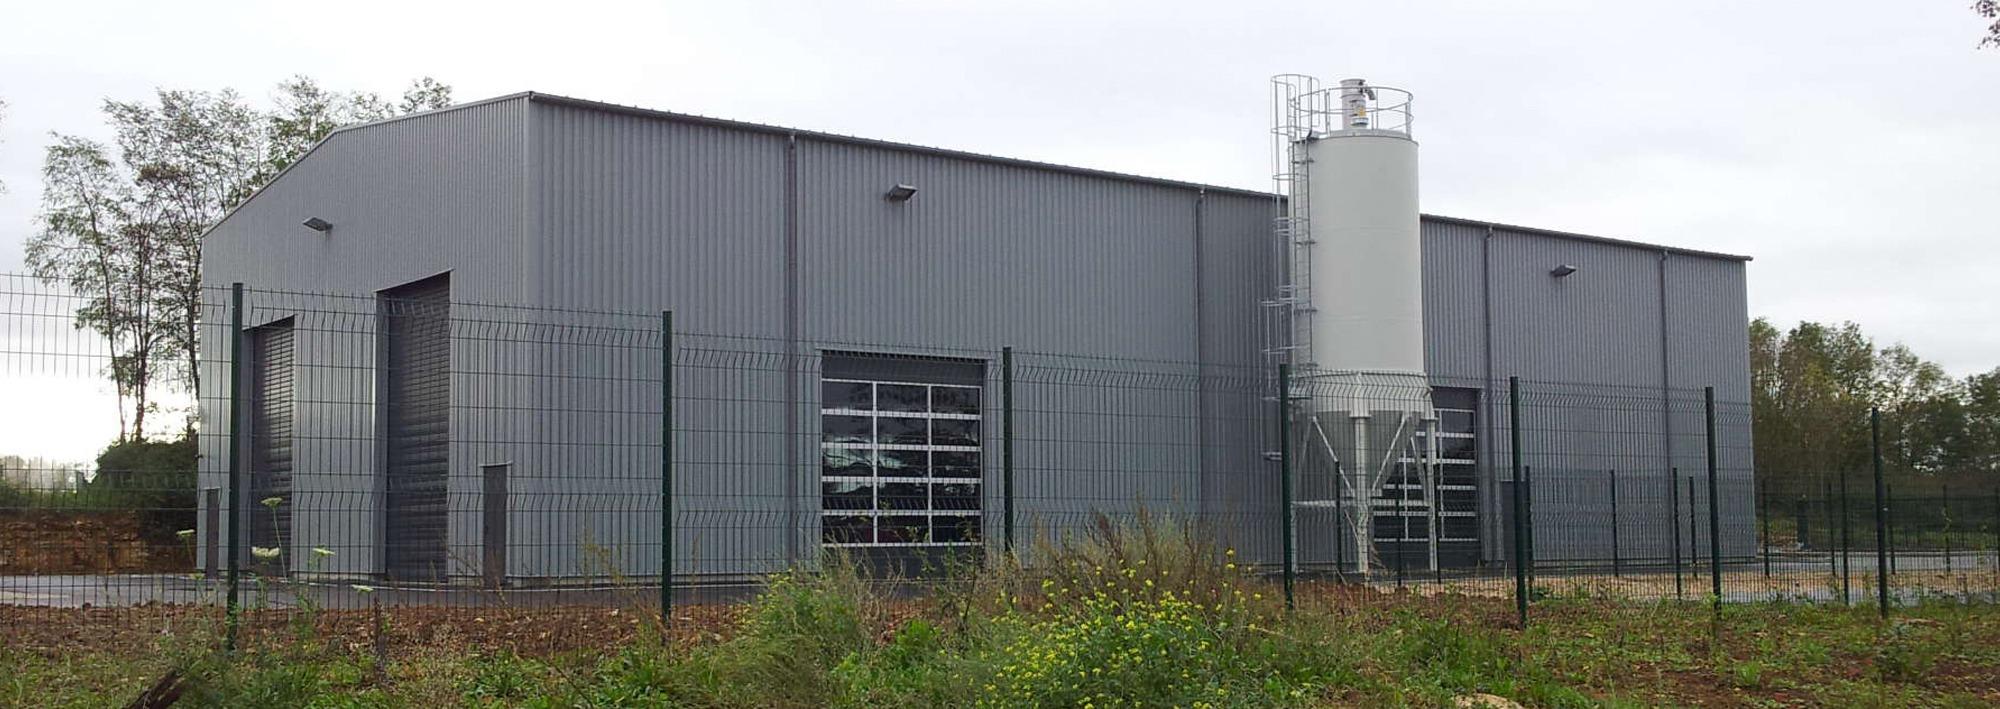 ALPHA-CARBONE-Authume-39-bureaux-laboratoire-salle-de-commande-vestiaires